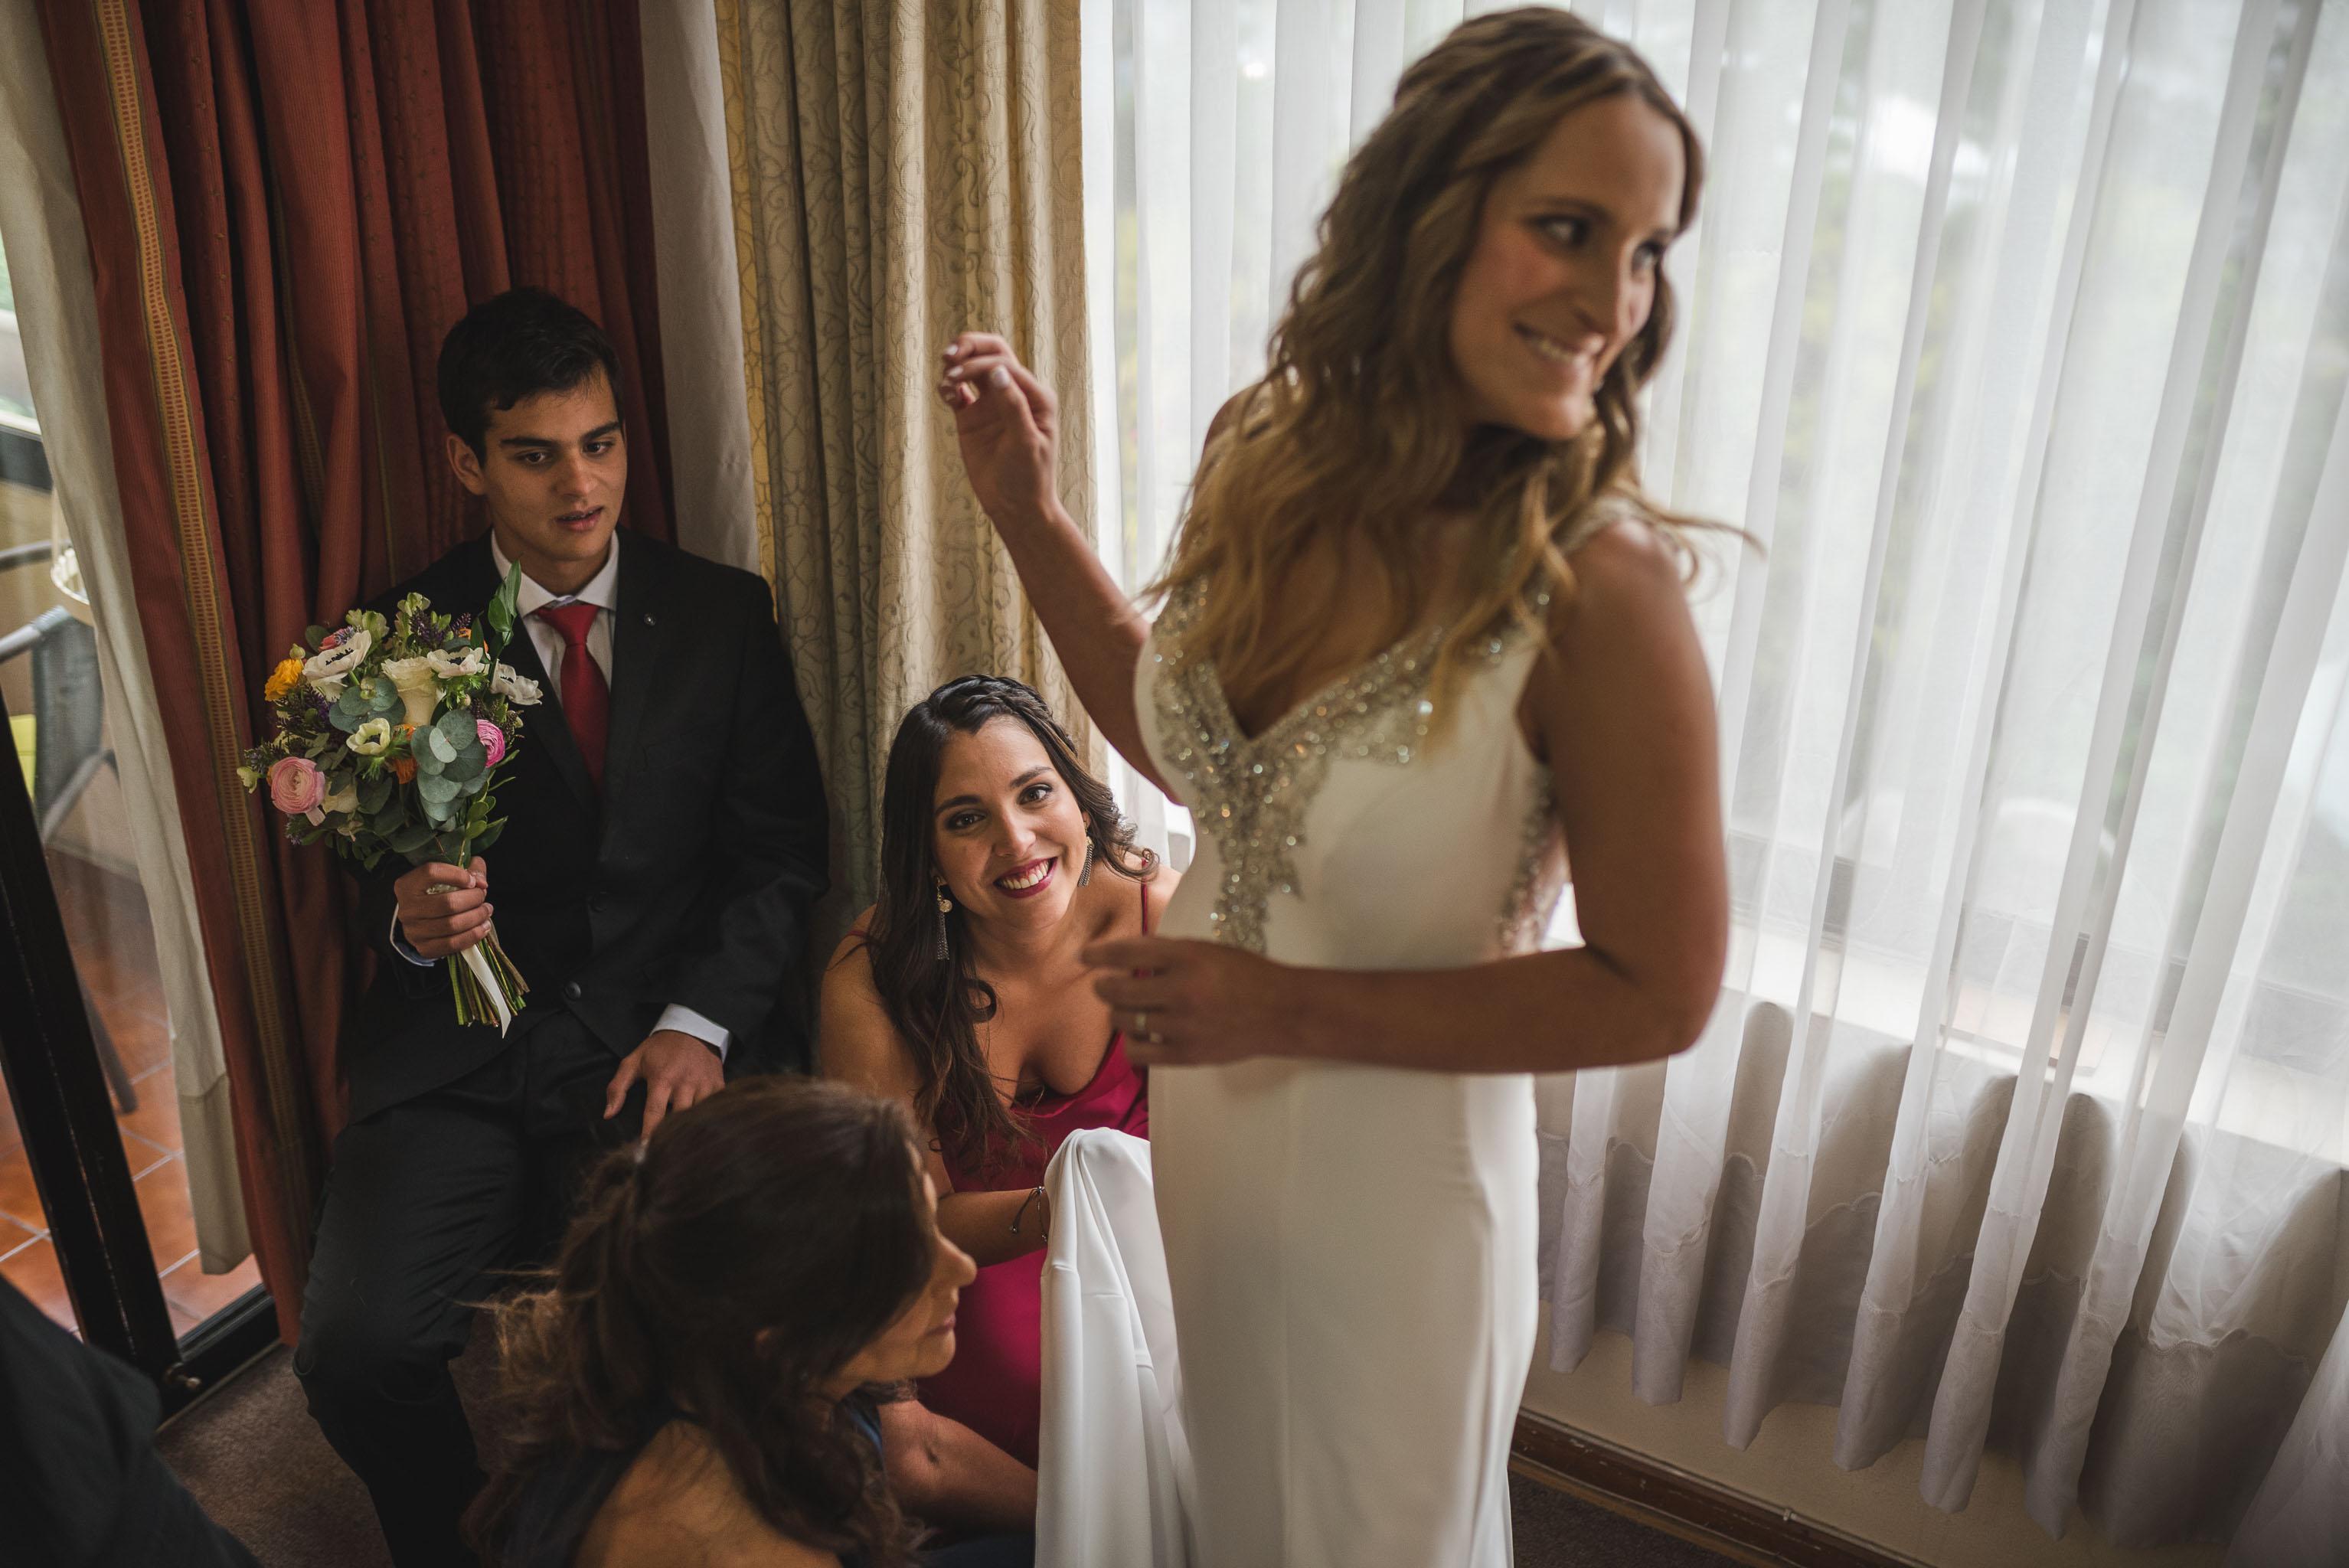 fotografo de matrimonios santiago- fotografo documental de matrimonios-club hipico-preparativos novia